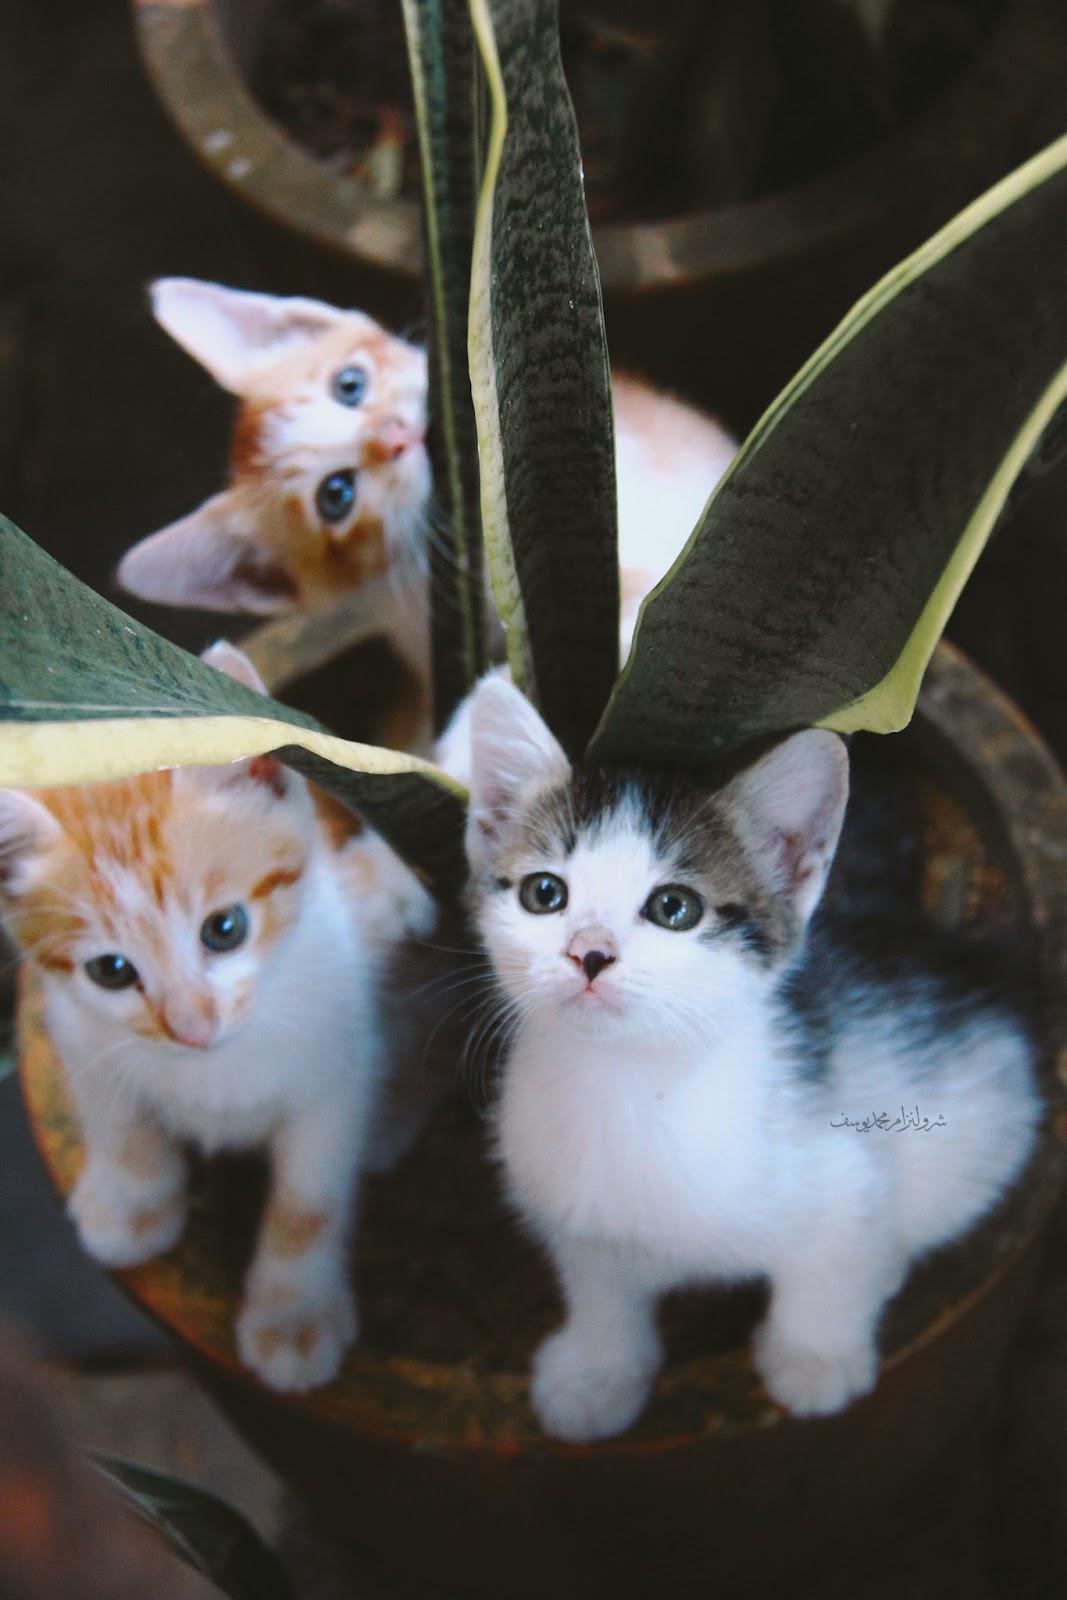 Anak Kucing Yang Comel Dan Riang - 1